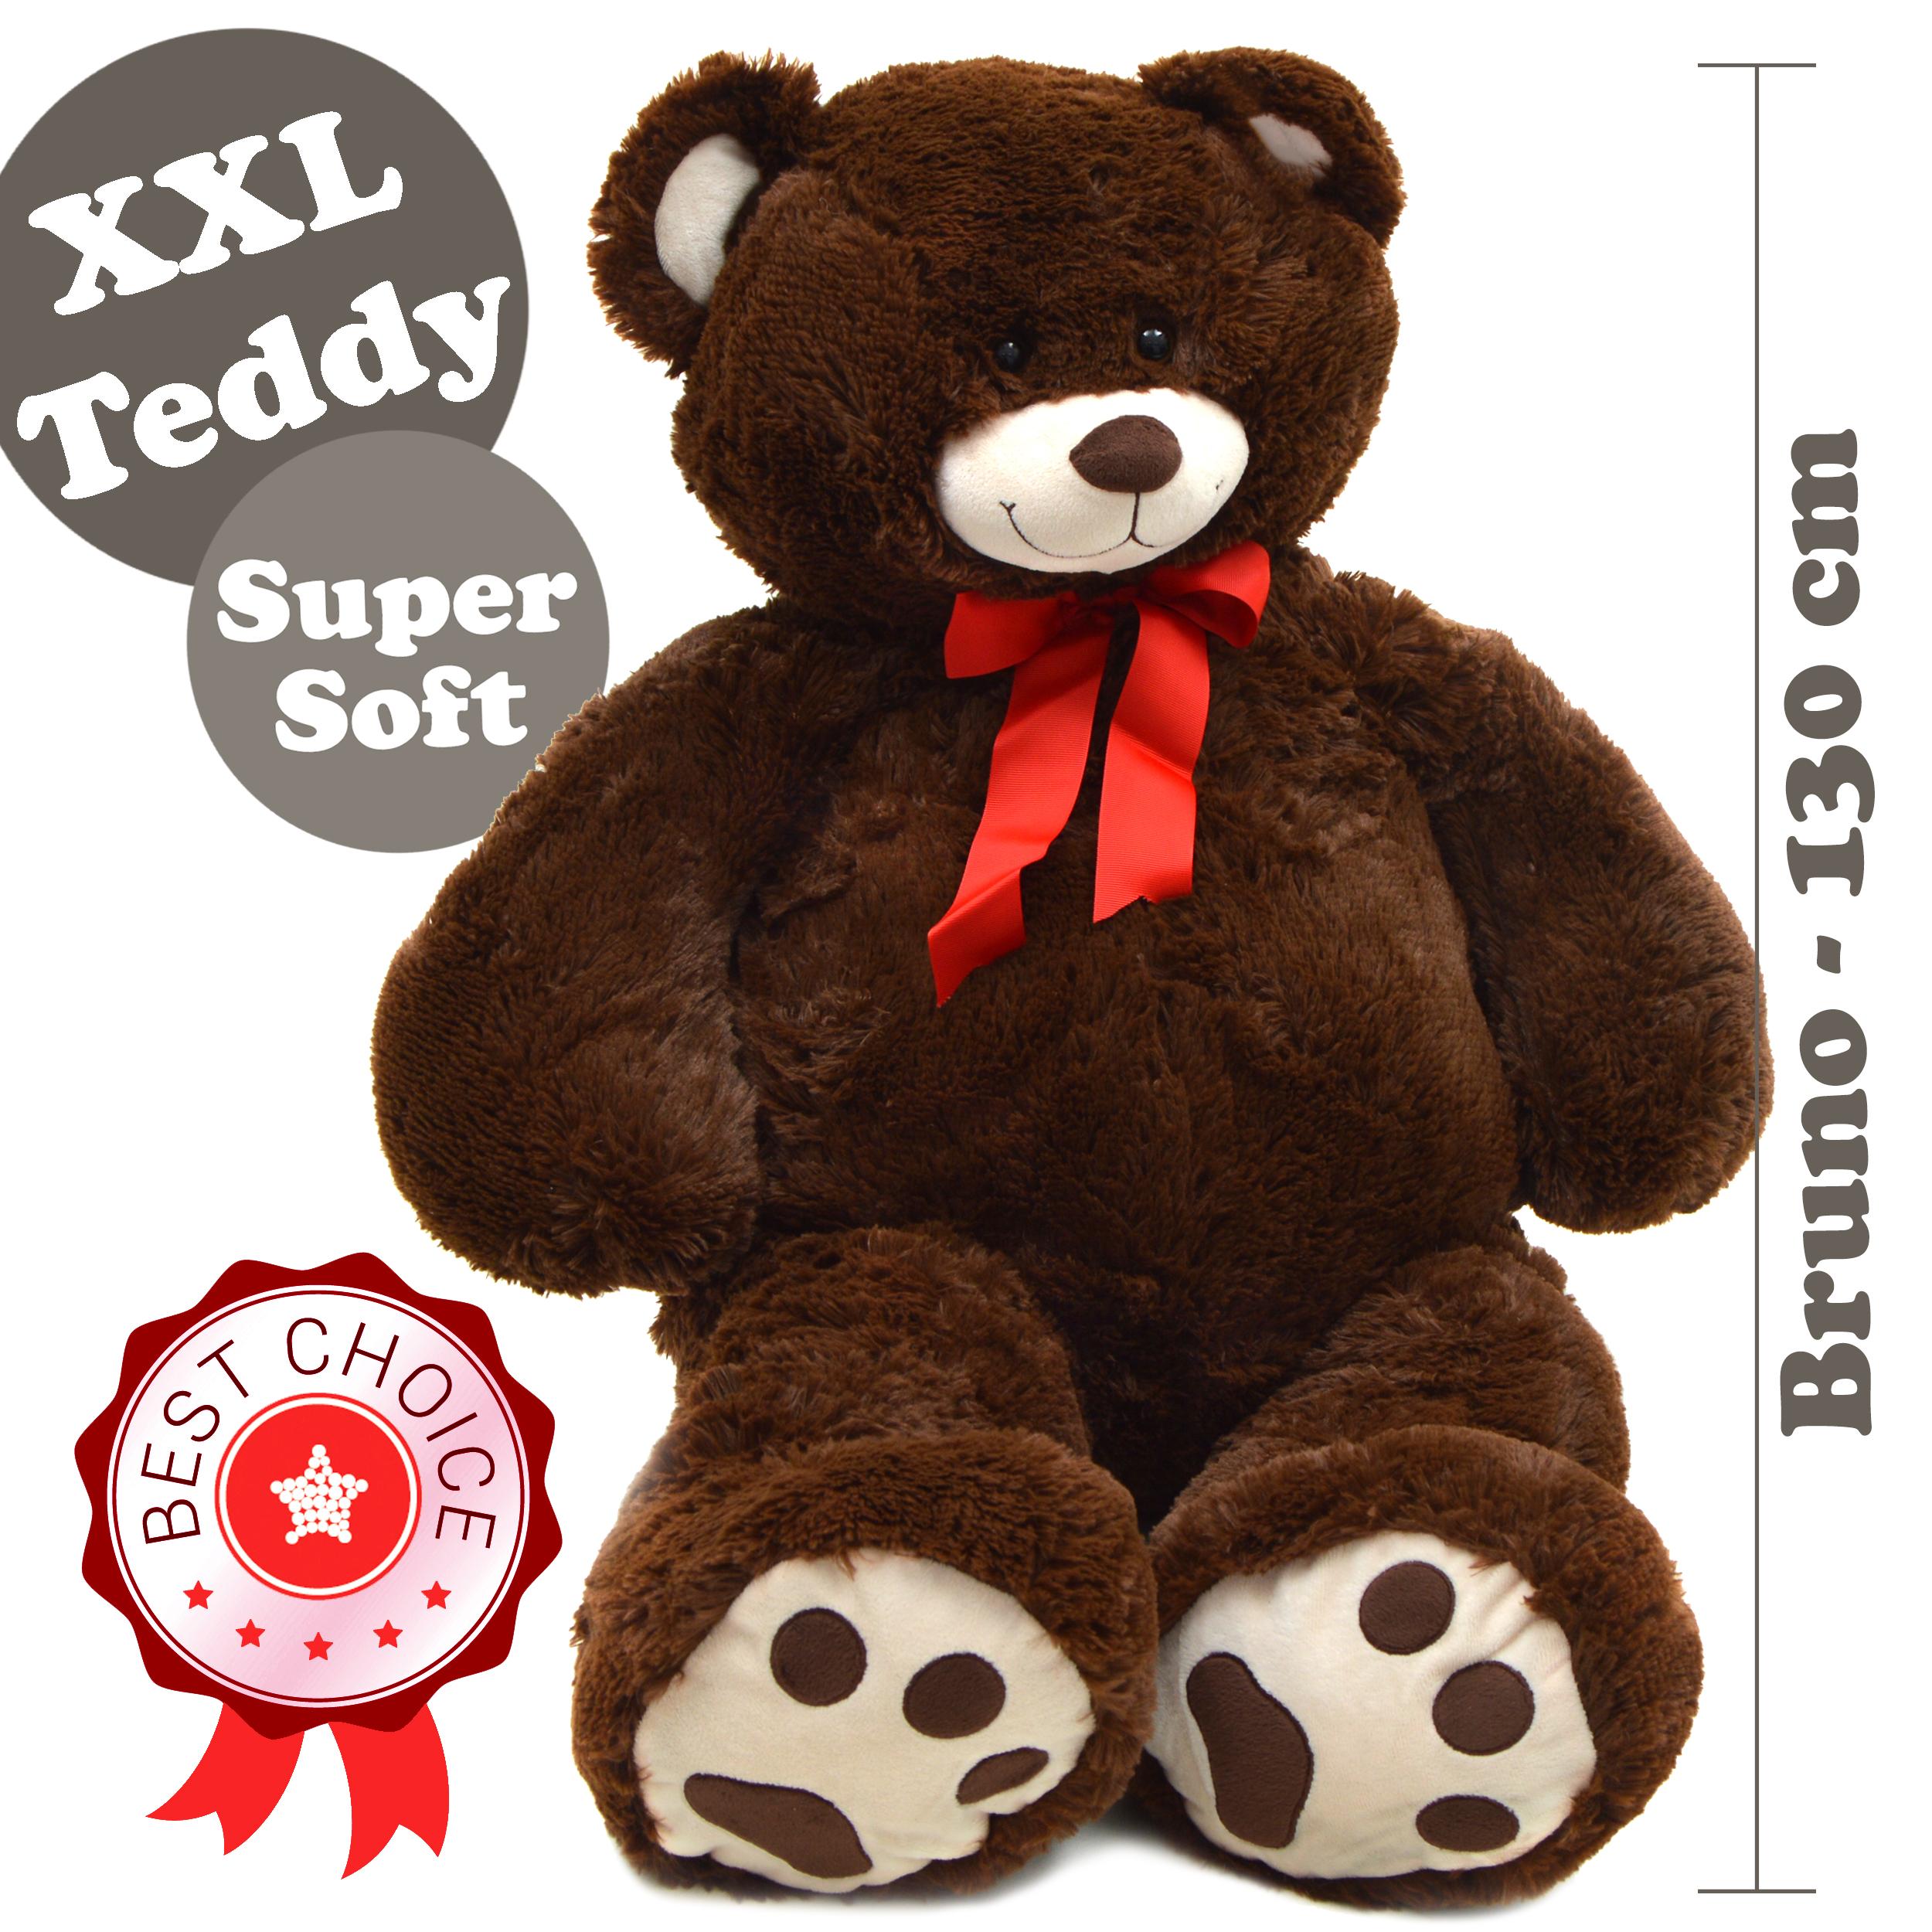 Teddybär Bruno, 100cm XXL Teddy-Plüschbär in braun